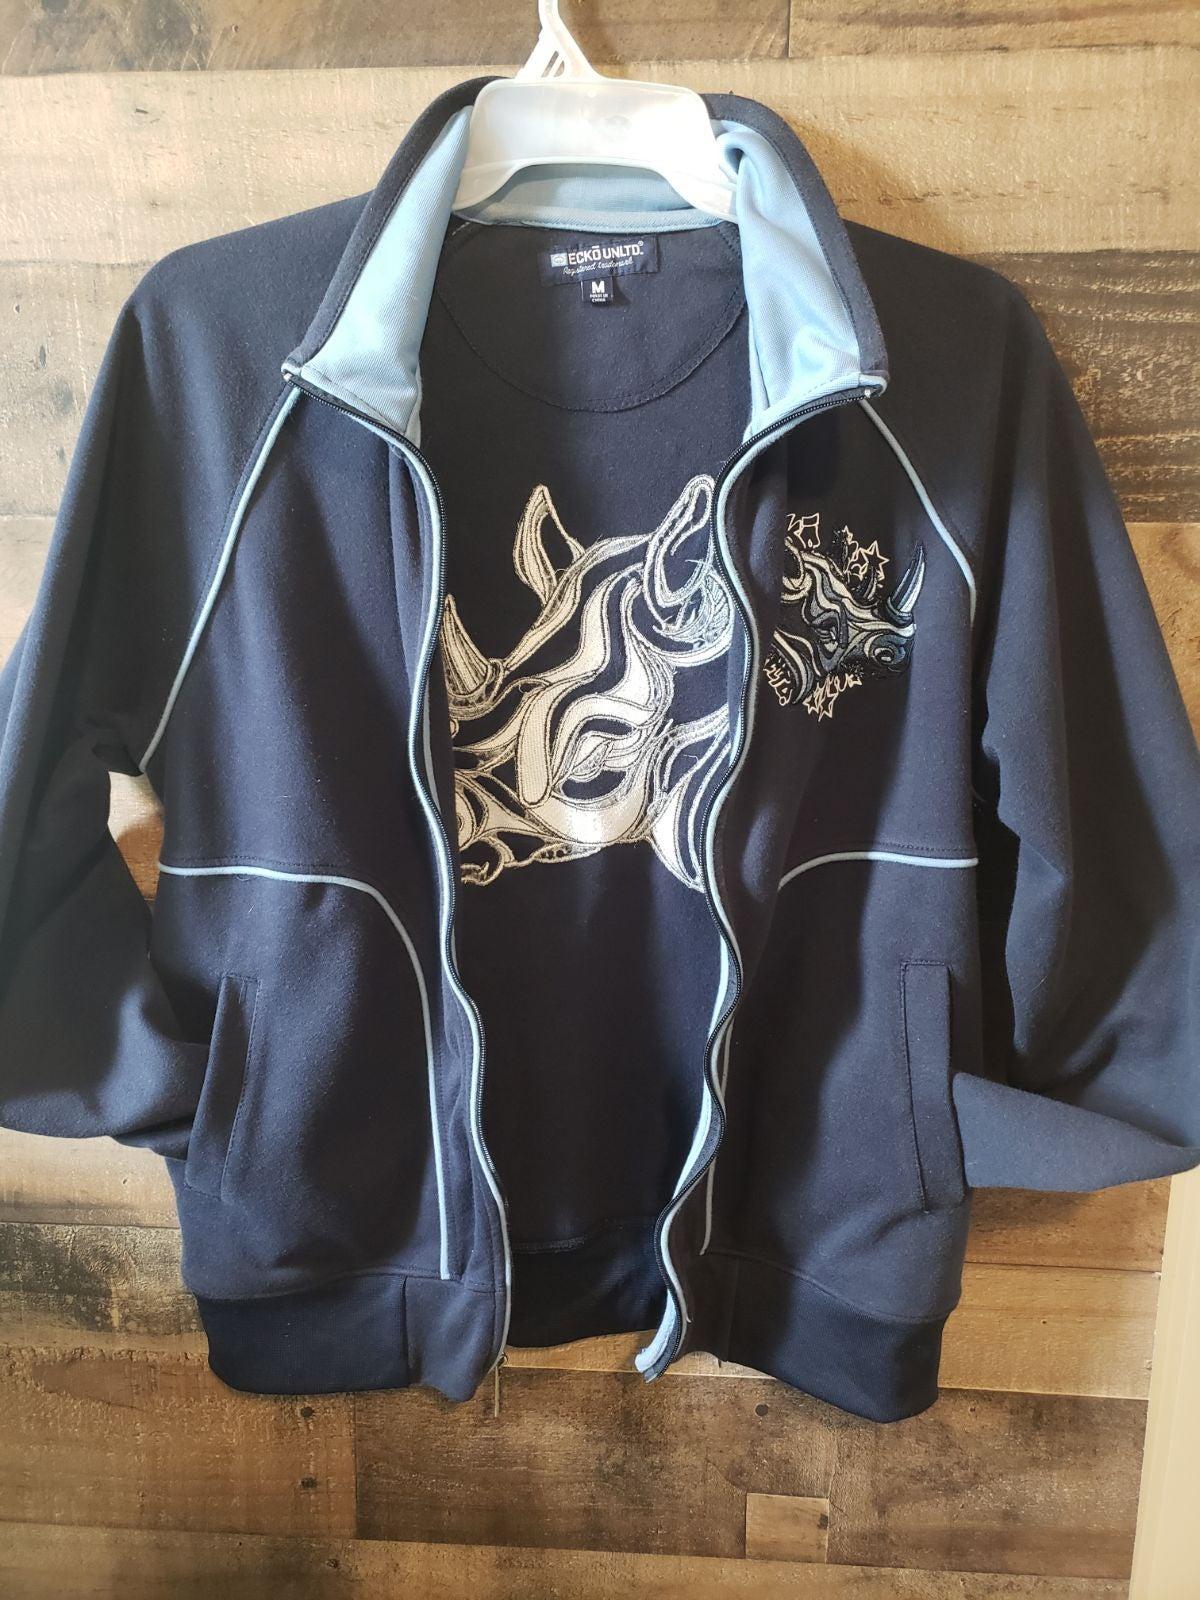 Eckō Unltd. Jacket